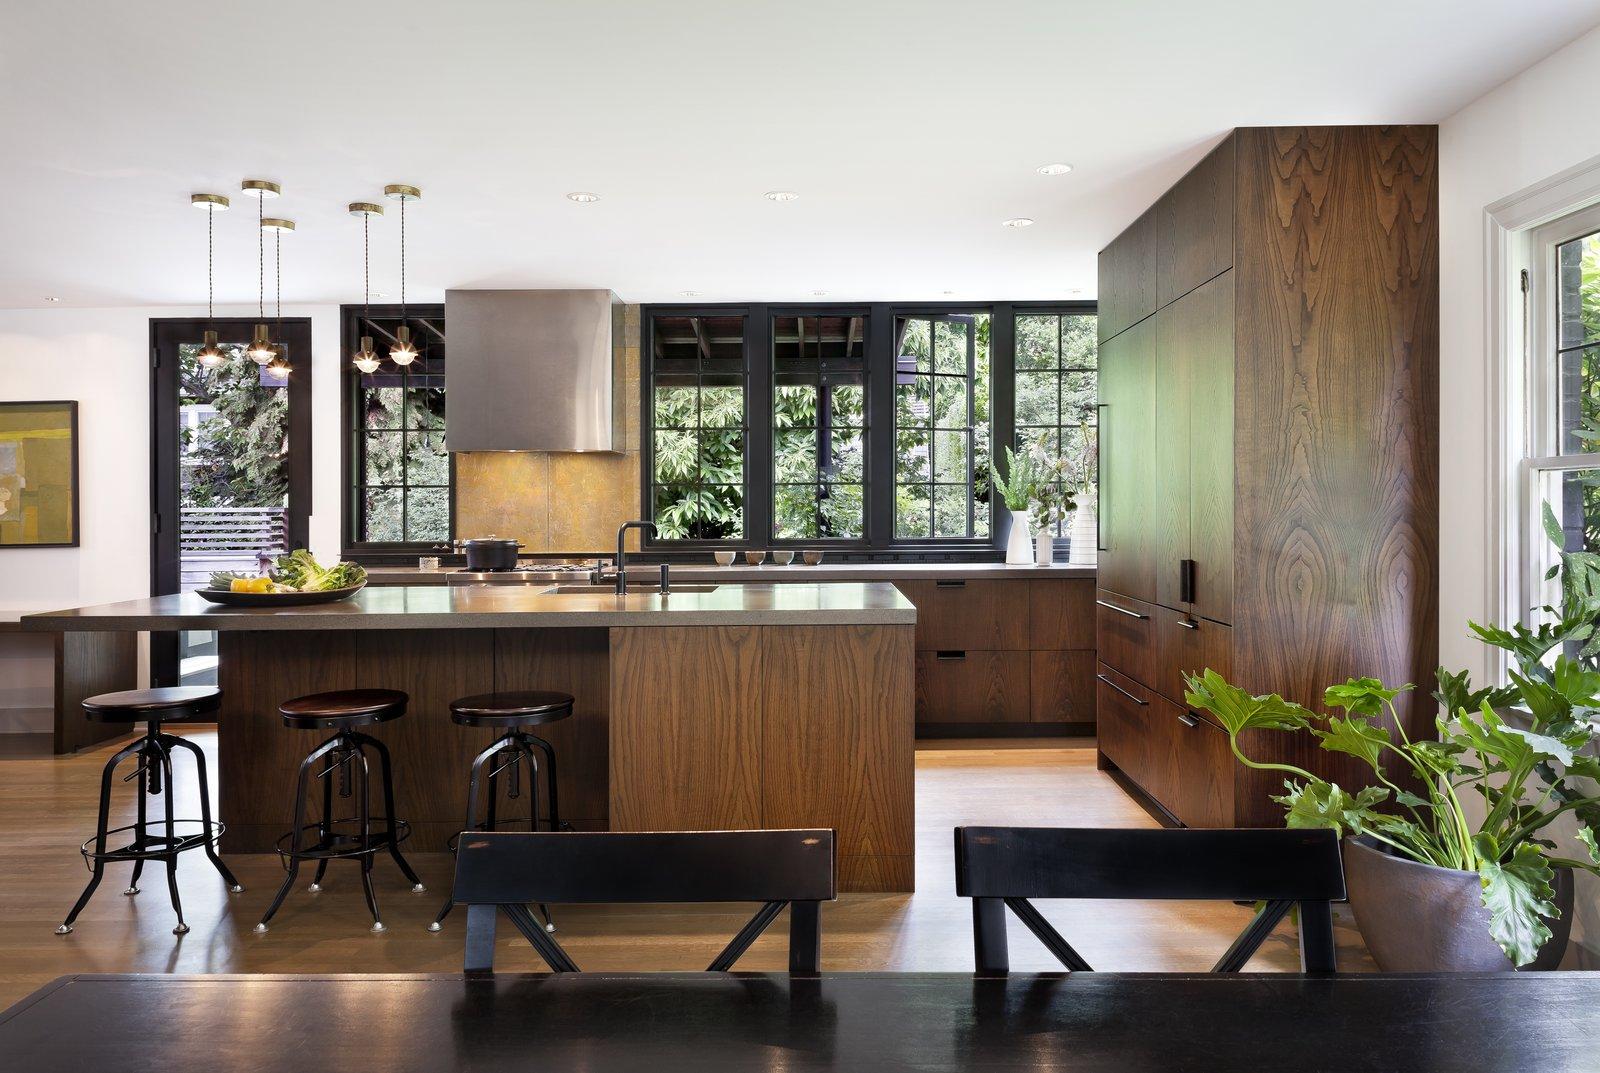 Kitchen Brick House transformed  Brick House Transformed by ReruchaStudio